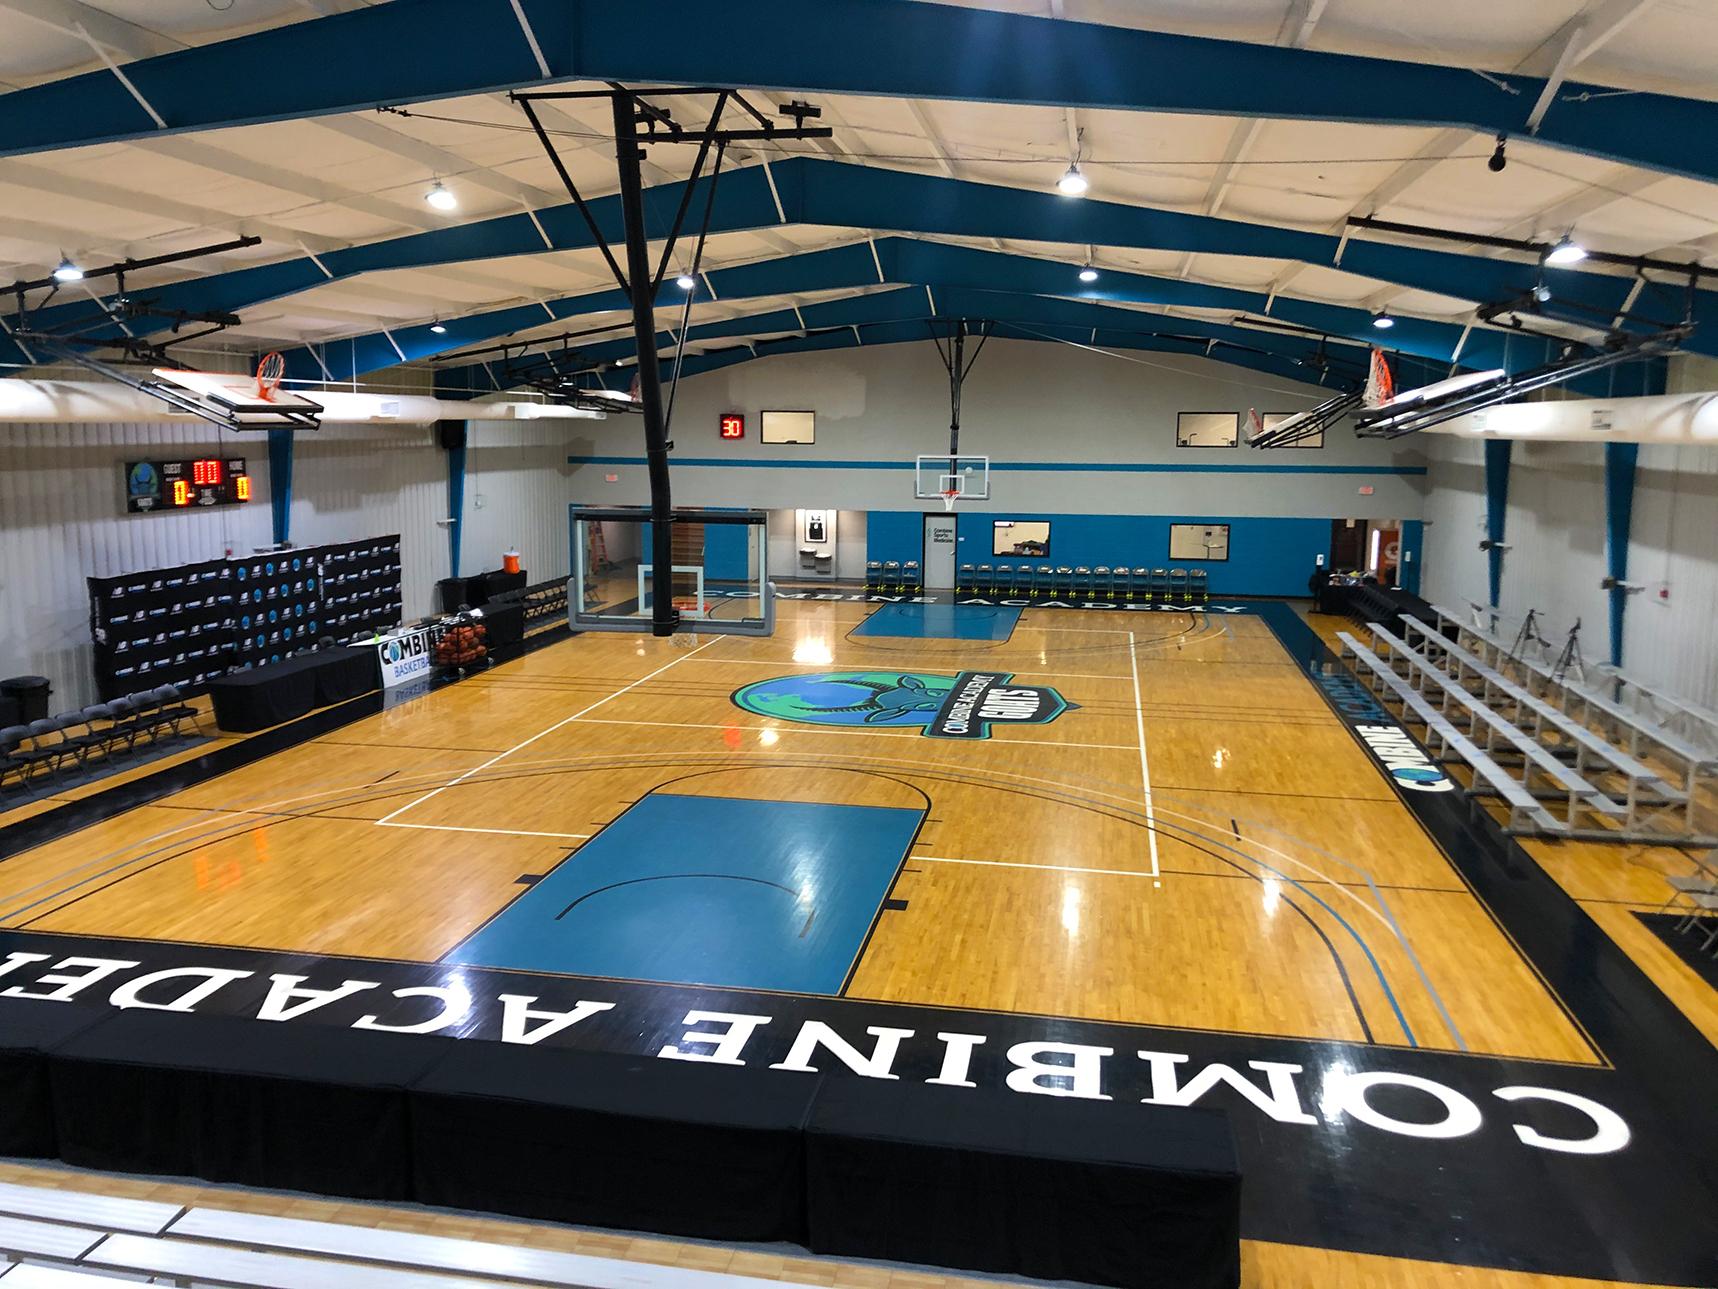 John Jordan Gym 2020 Full Court